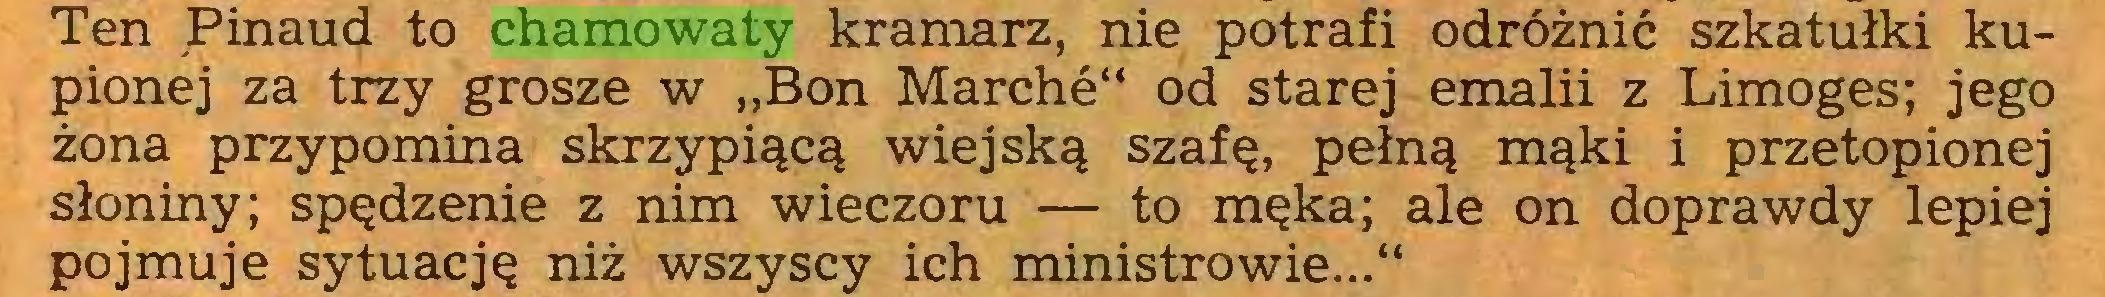 """(...) Ten Pinaud to chamowaty kramarz, nie potrafi odróżnić szkatułki kupionej za trzy grosze w """"Bon Marché"""" od starej emalii z Limoges; jego żona przypomina skrzypiącą wiejską szafę, pełną mąki i przetopionej słoniny; spędzenie z nim wieczoru — to męka; ale on doprawdy lepiej pojmuje sytuację niż wszyscy ich ministrowie...""""..."""